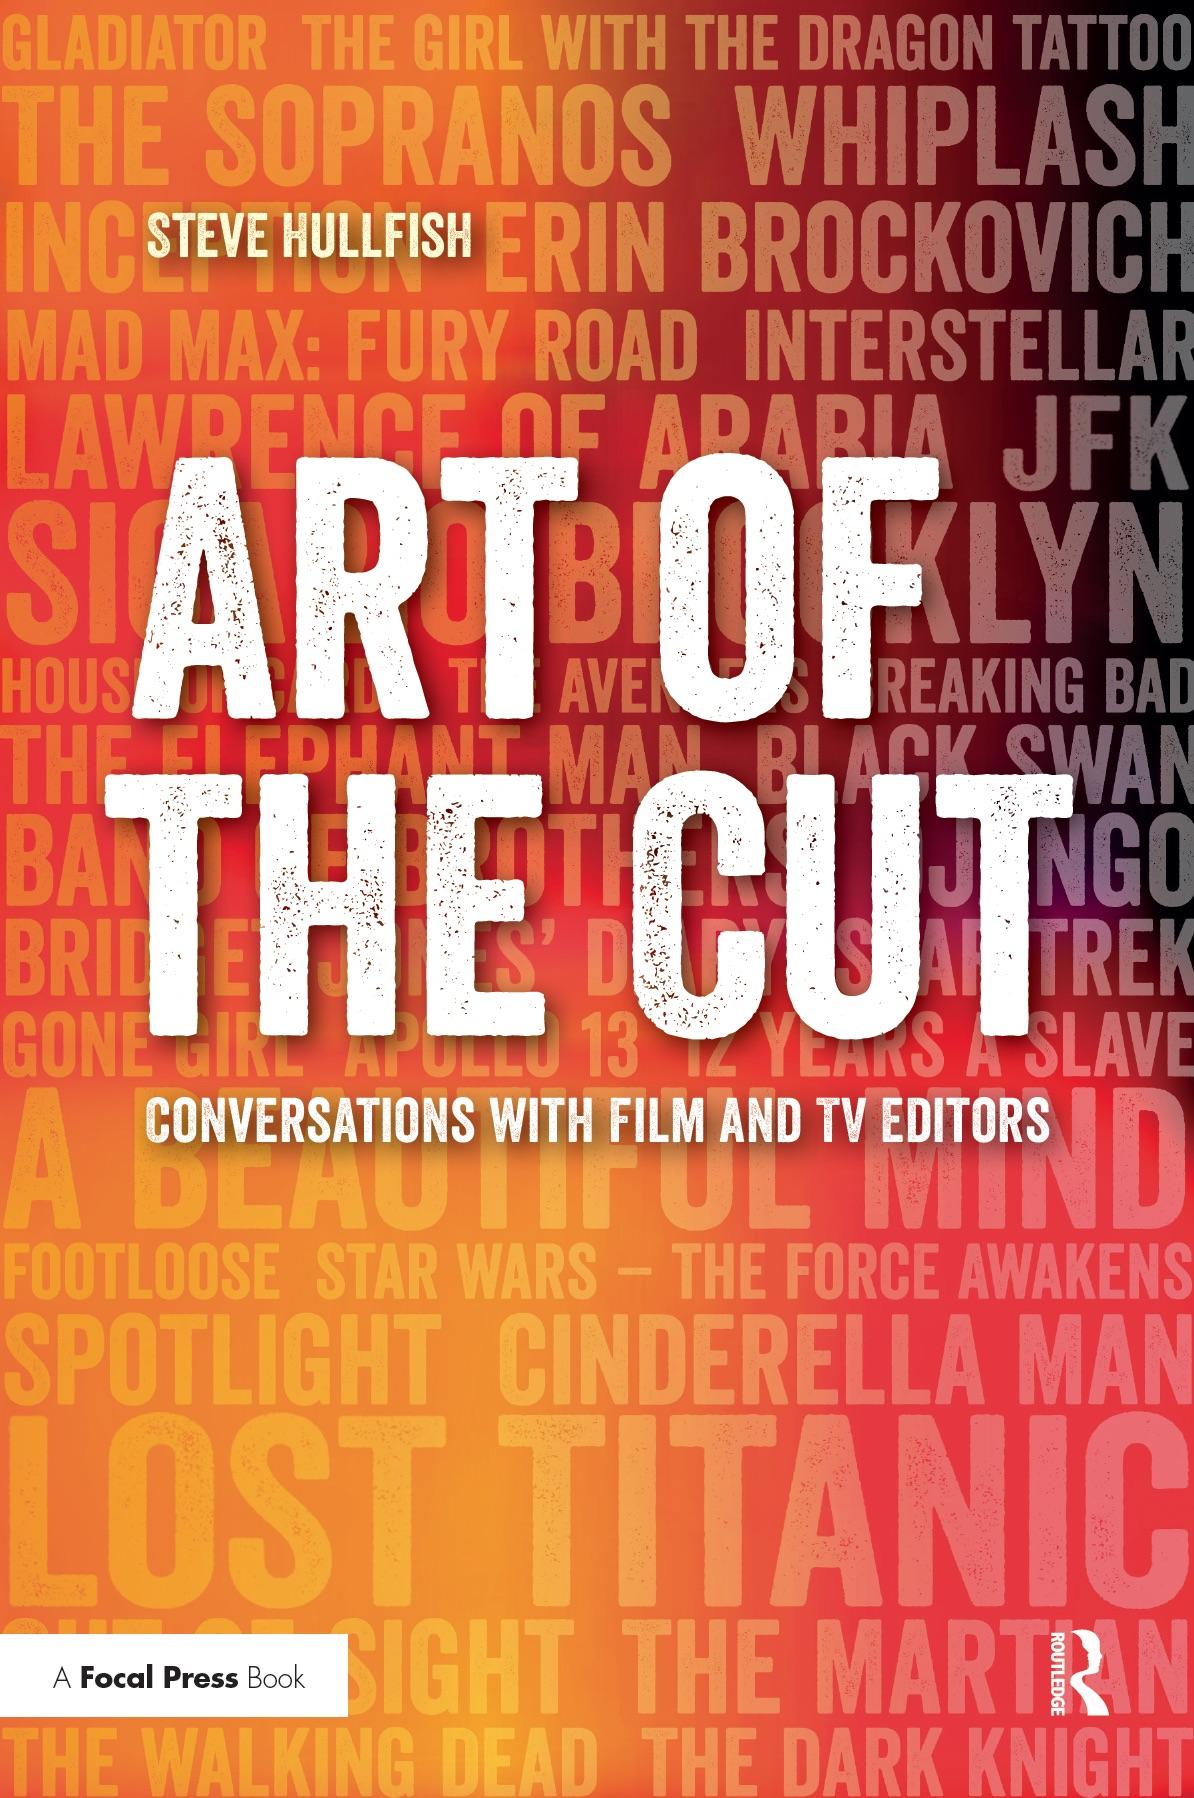 ART OF THE CUT - Editing Wonder Woman 46